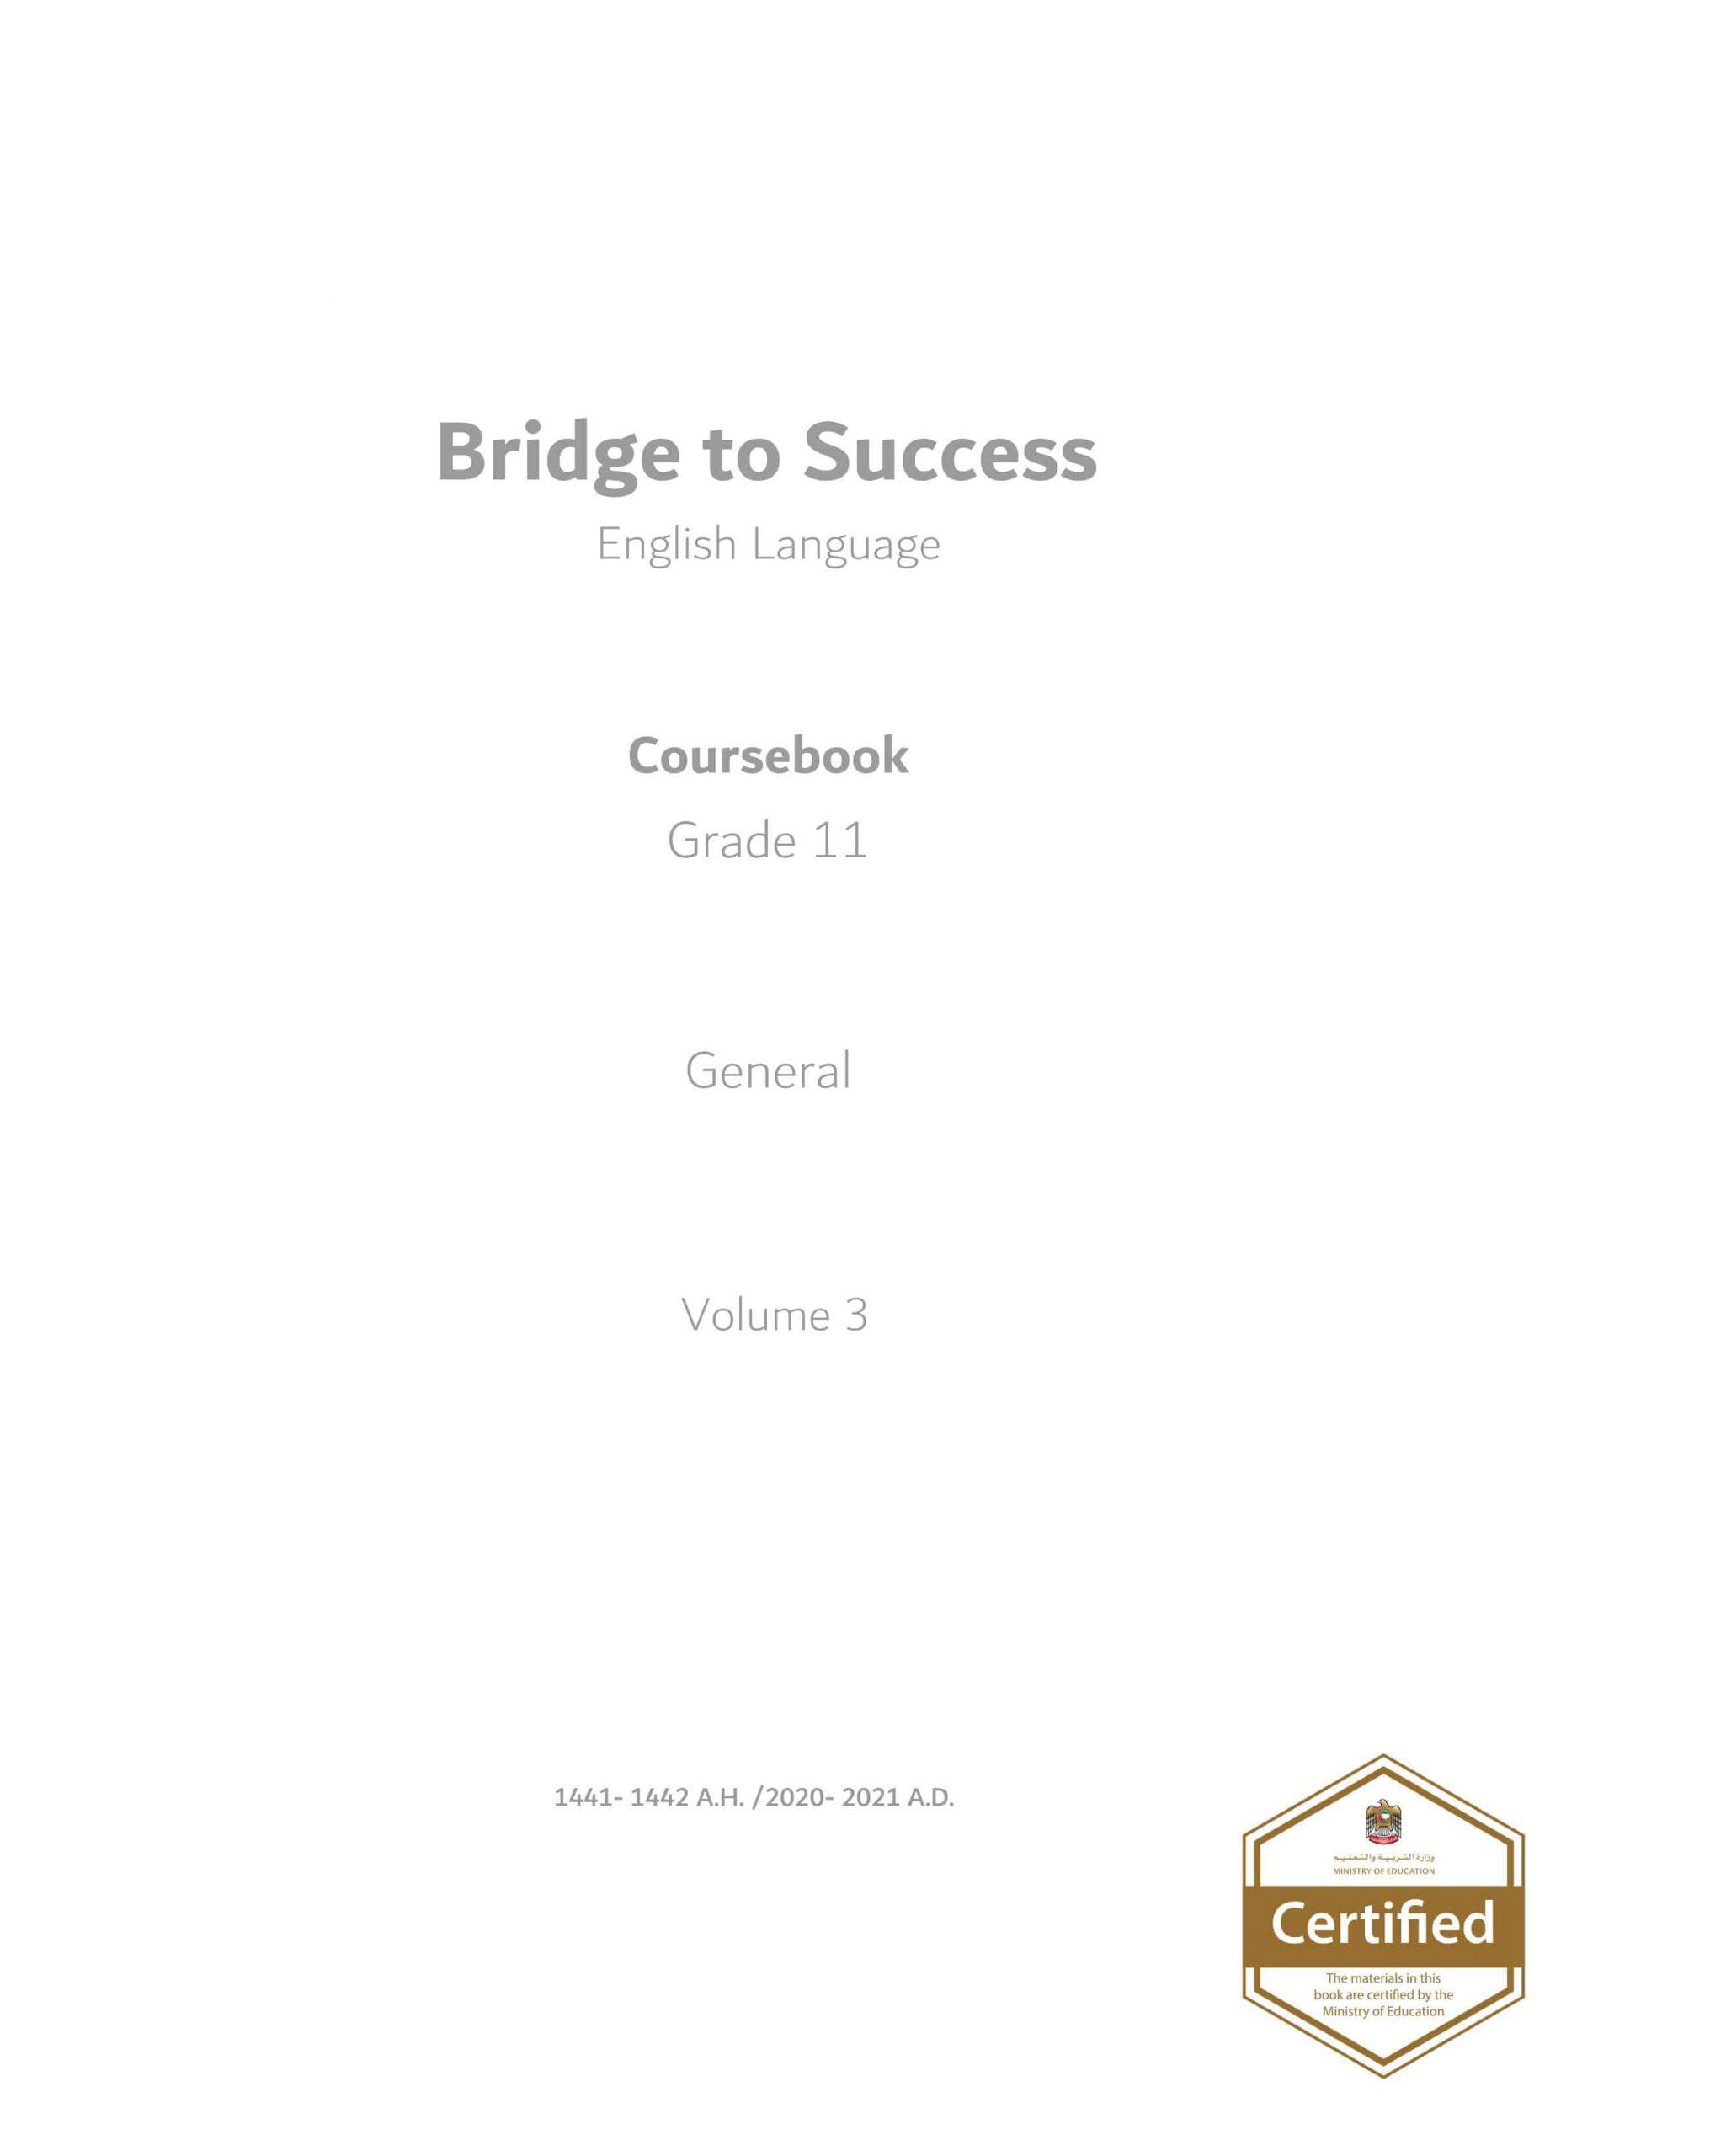 كتاب الطالب Course book الفصل الدراسي الثالث 2020-2021 الصف الحادي عشر مادة اللغة الإنجليزية